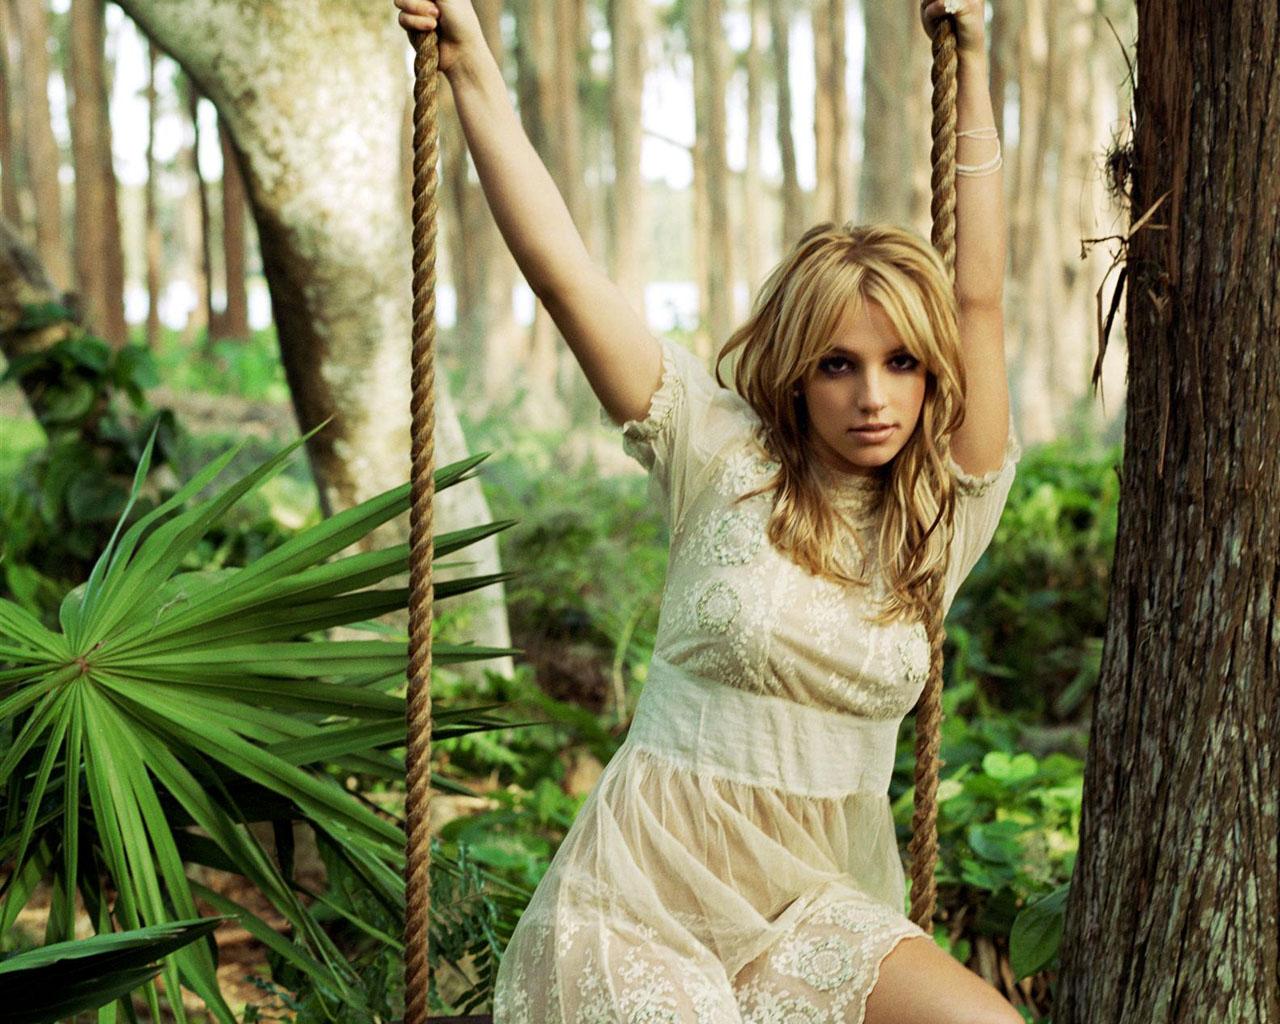 http://2.bp.blogspot.com/-xyt3mAlywzY/TbUewW8VPwI/AAAAAAAAJC4/uBCjRWlicRI/s1600/Britney%2BSpears%2B%2BHold%2BIt%2BAgainst%2BMe.jpg